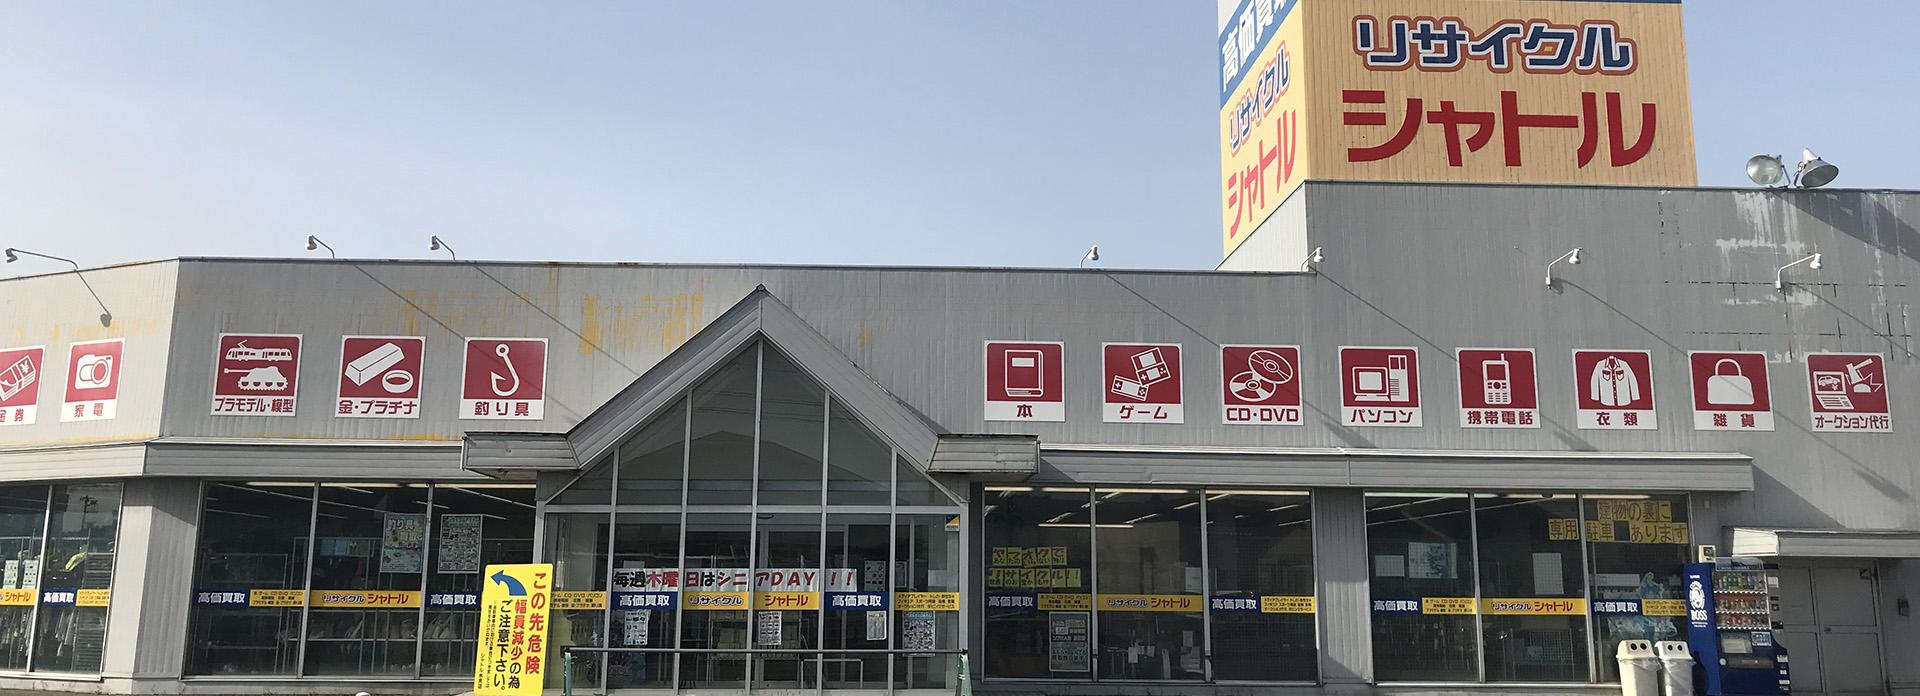 シャトル 氷見店 通販ショップ メディアウエア